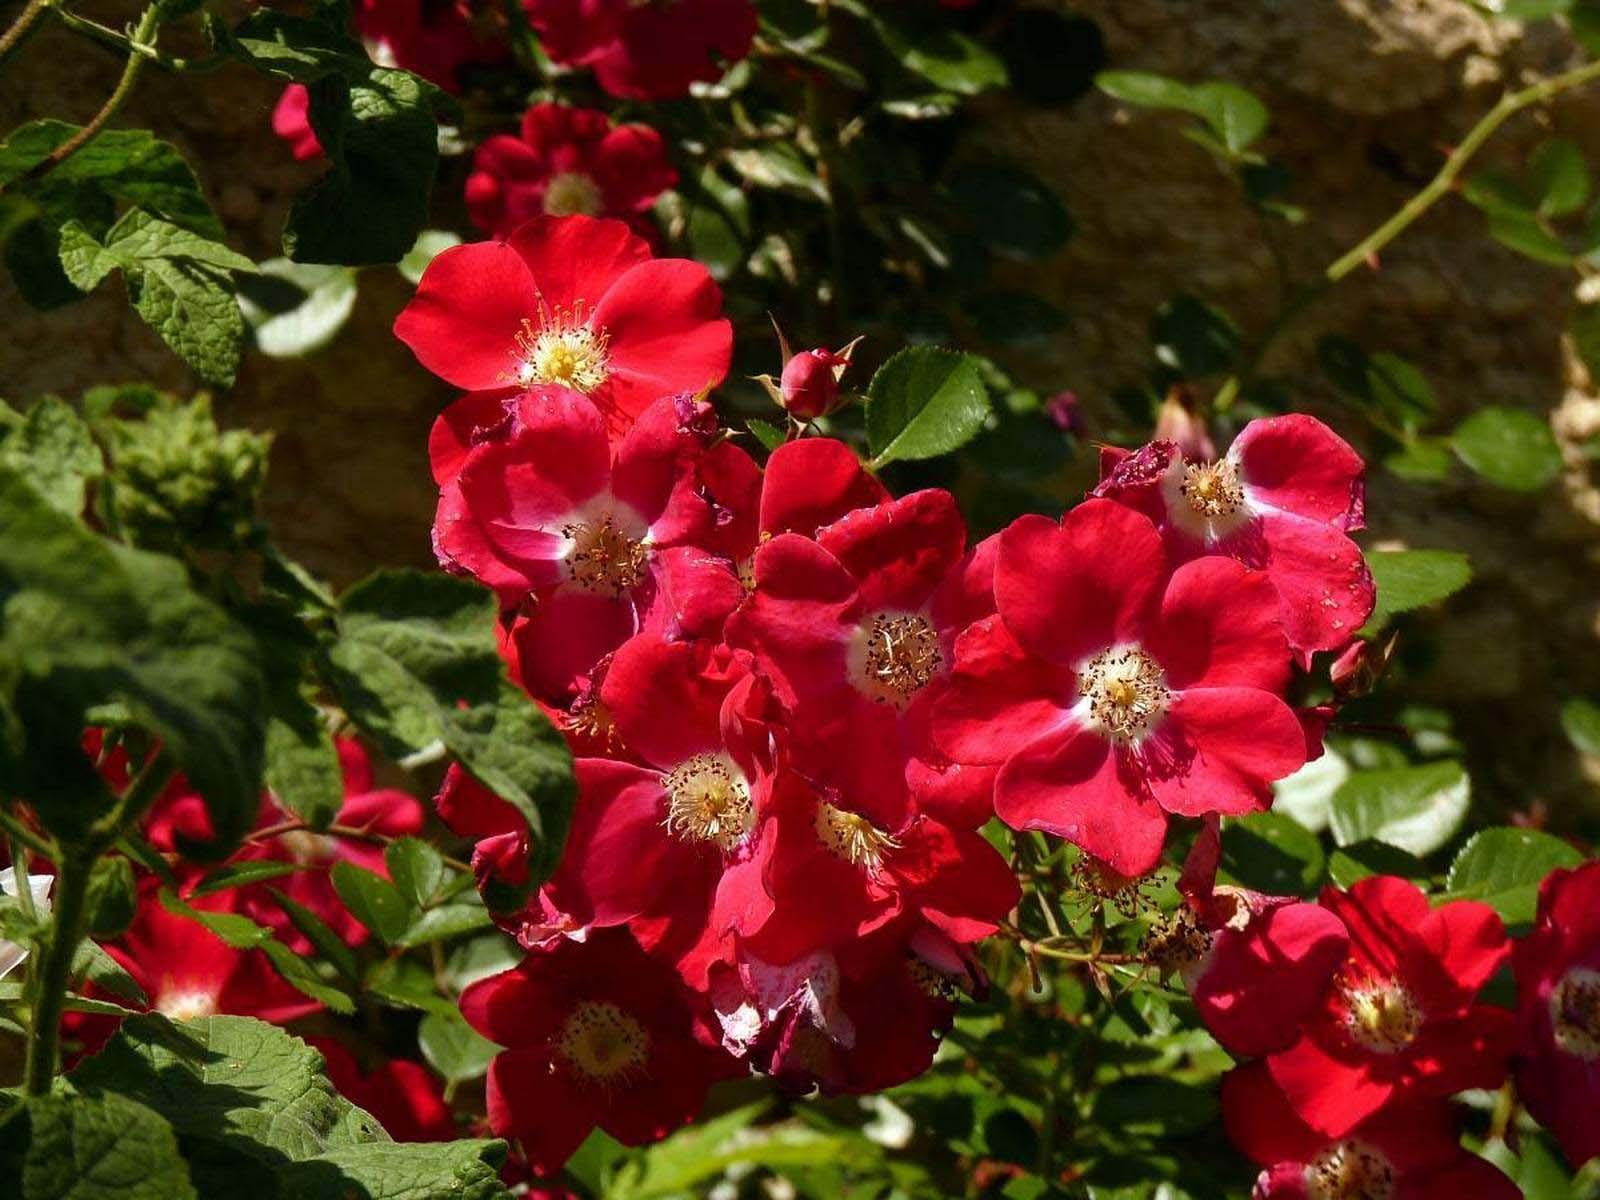 Популярный у цветоводов-любителей сорт «Candia Meillandecor» достаточно быстро растет, и может великолепно смотреться как на склонах, так и в рокариях